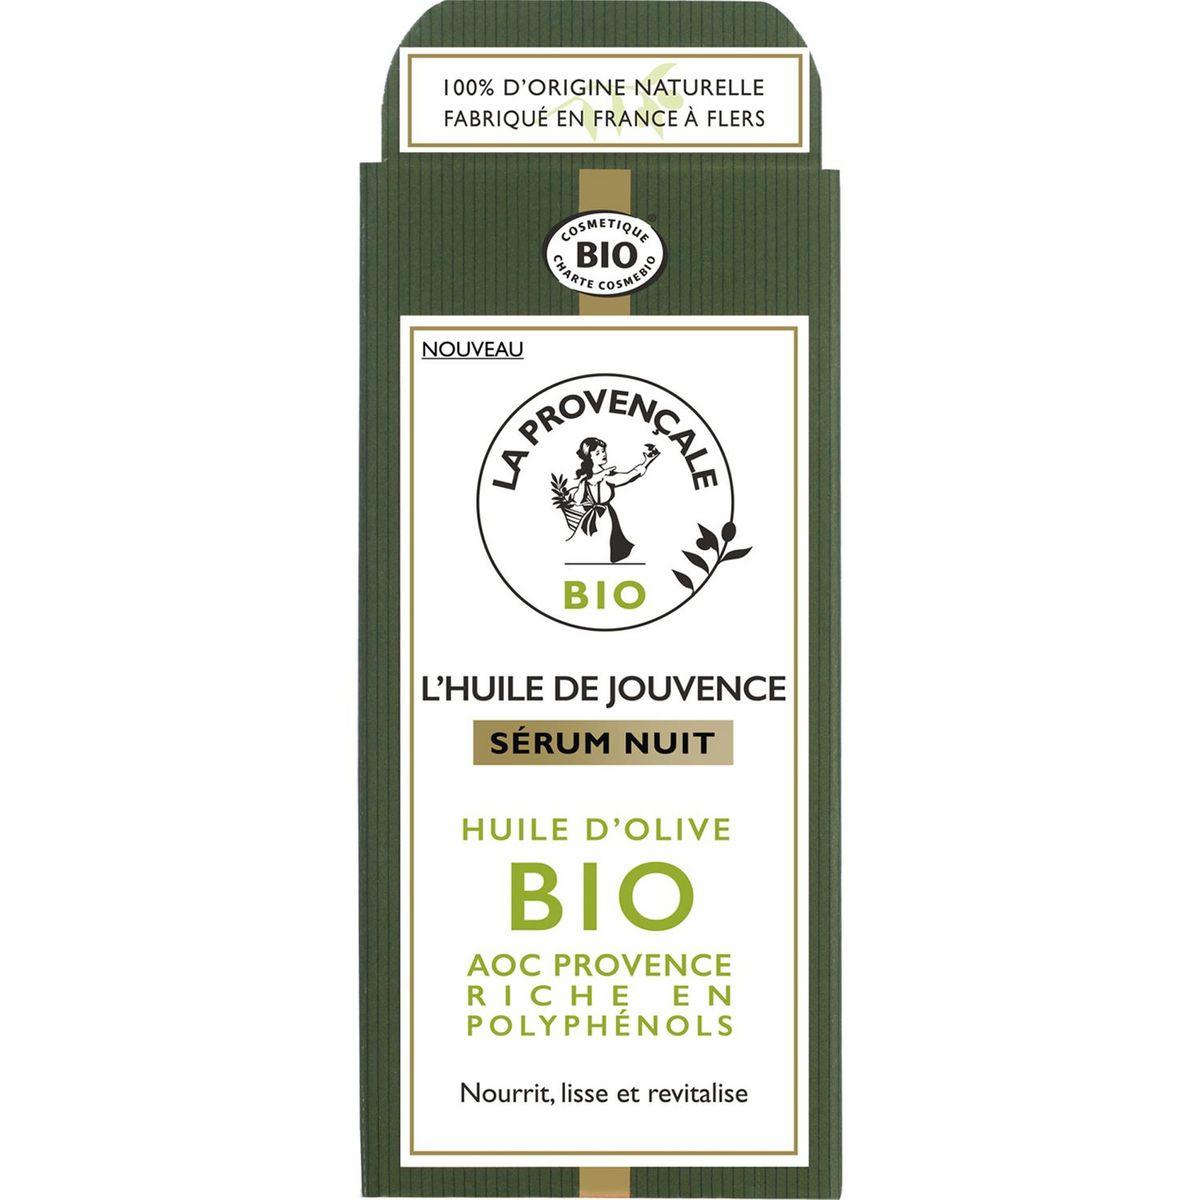 La Provençale Bio Sérum de jouvence nuit huile d'olive bio 30ml